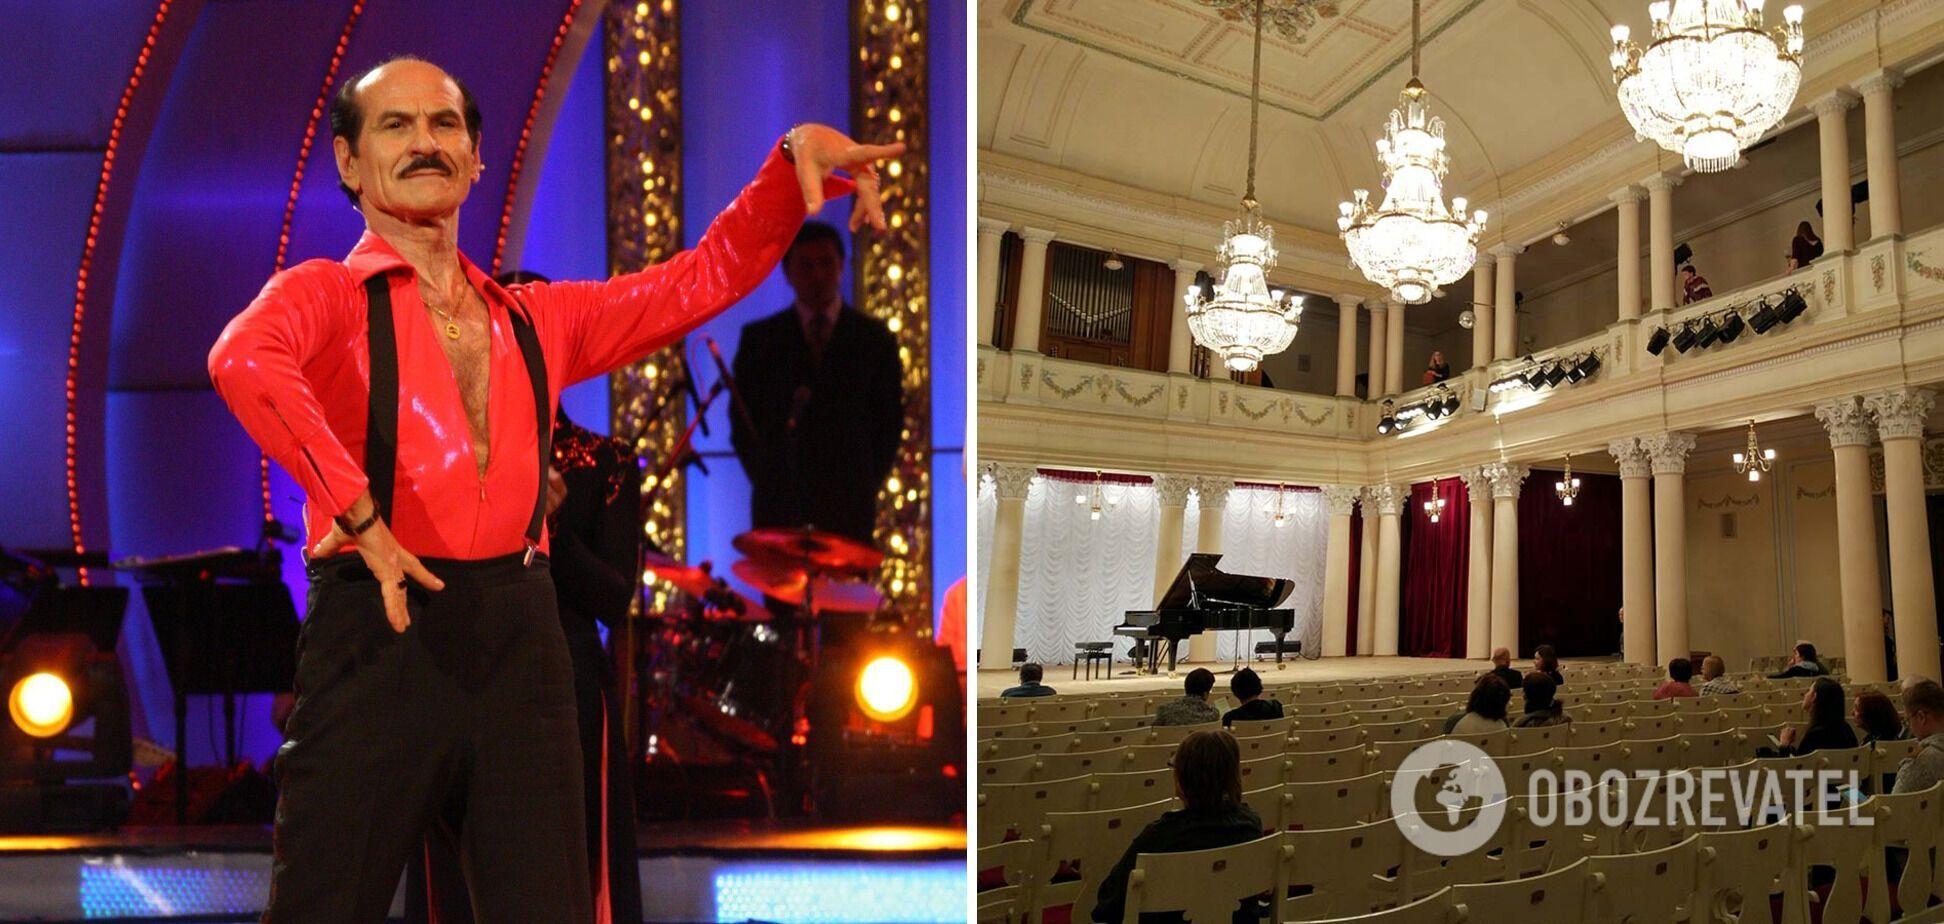 Прощание с Чапкисом пройдет в Национальной Филармонии Украины